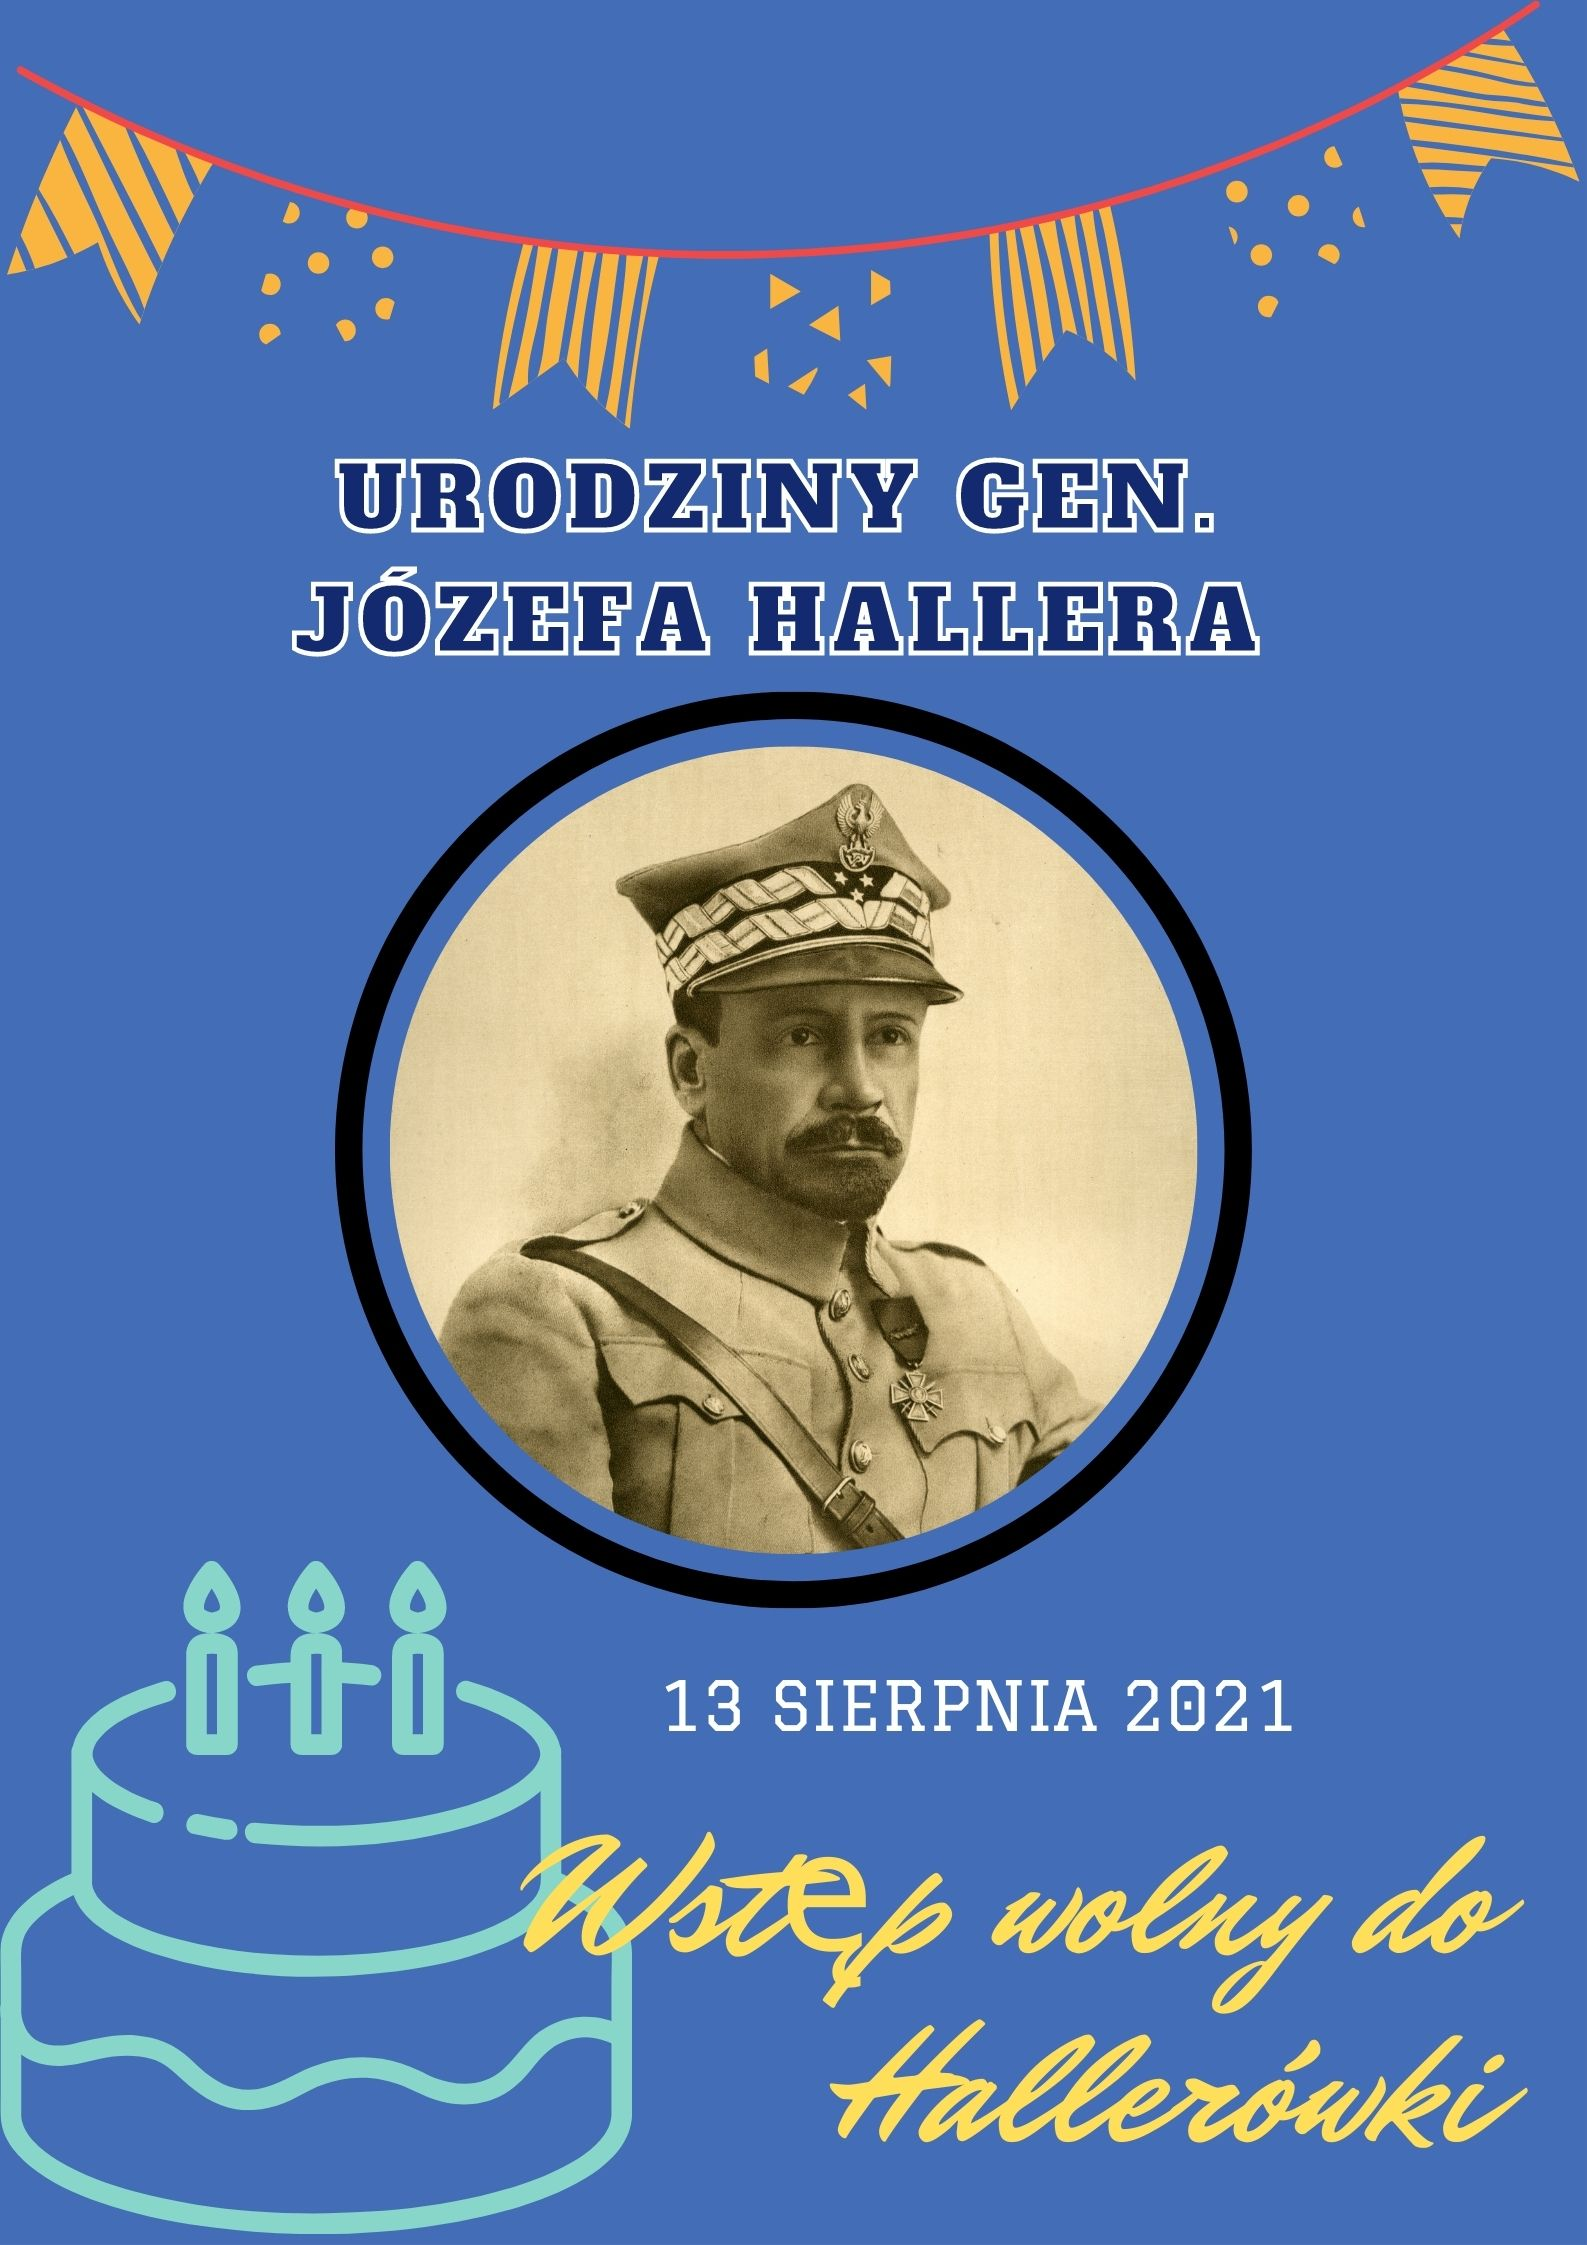 Plakat zapraszający na wstęp wolny do Hallerówki w dniu 13 sierpnia 2021. Jest to dzień urodzin Generała Józefa Hallera. Plakat utrzymany jest w kolorze niebieskim, w centralnym miejscu plakatu umieszczona jest czarnobiałą fotografia generała Józefa Hallera.